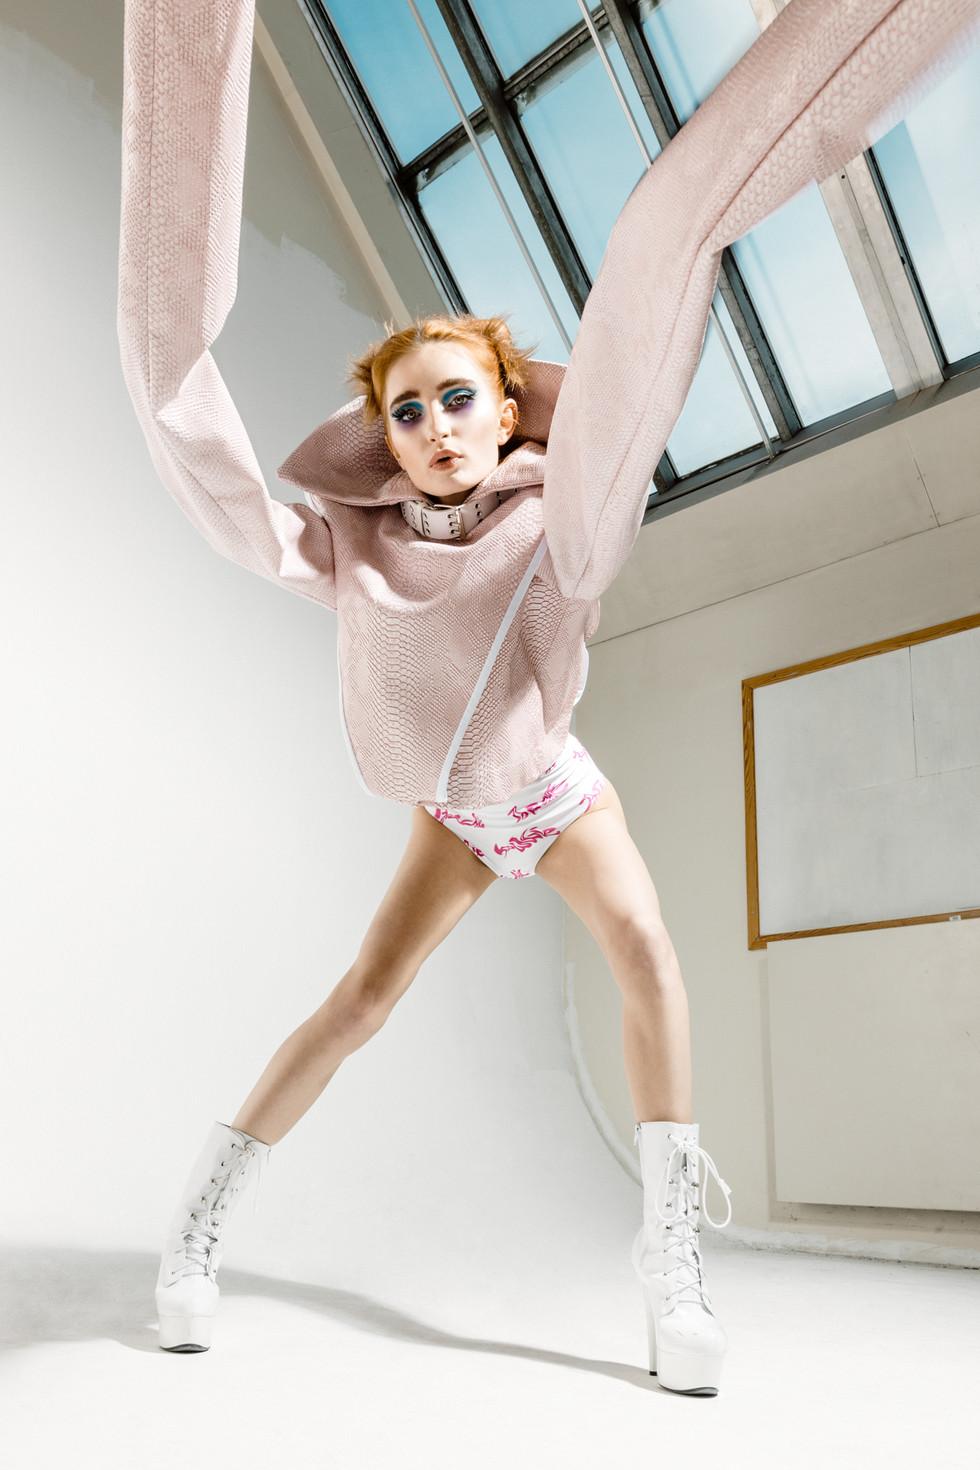 Psycho_Barbie_Low Res_Zensiert-12.jpg